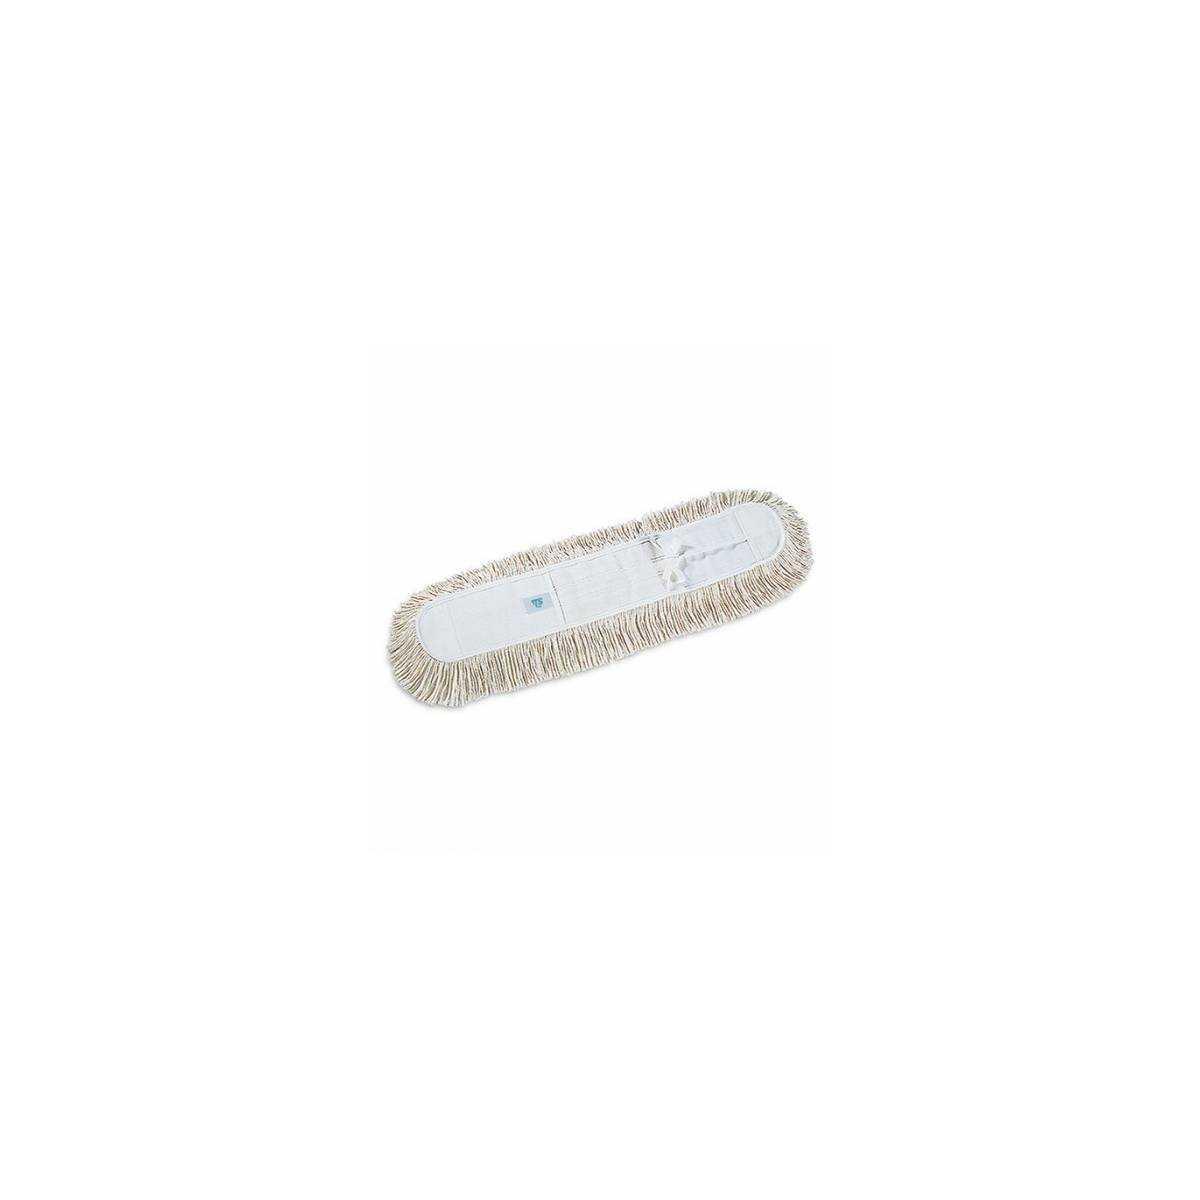 Моп (запаска) для сухой уборки хлопок 100см с завязками 00000254 TTS